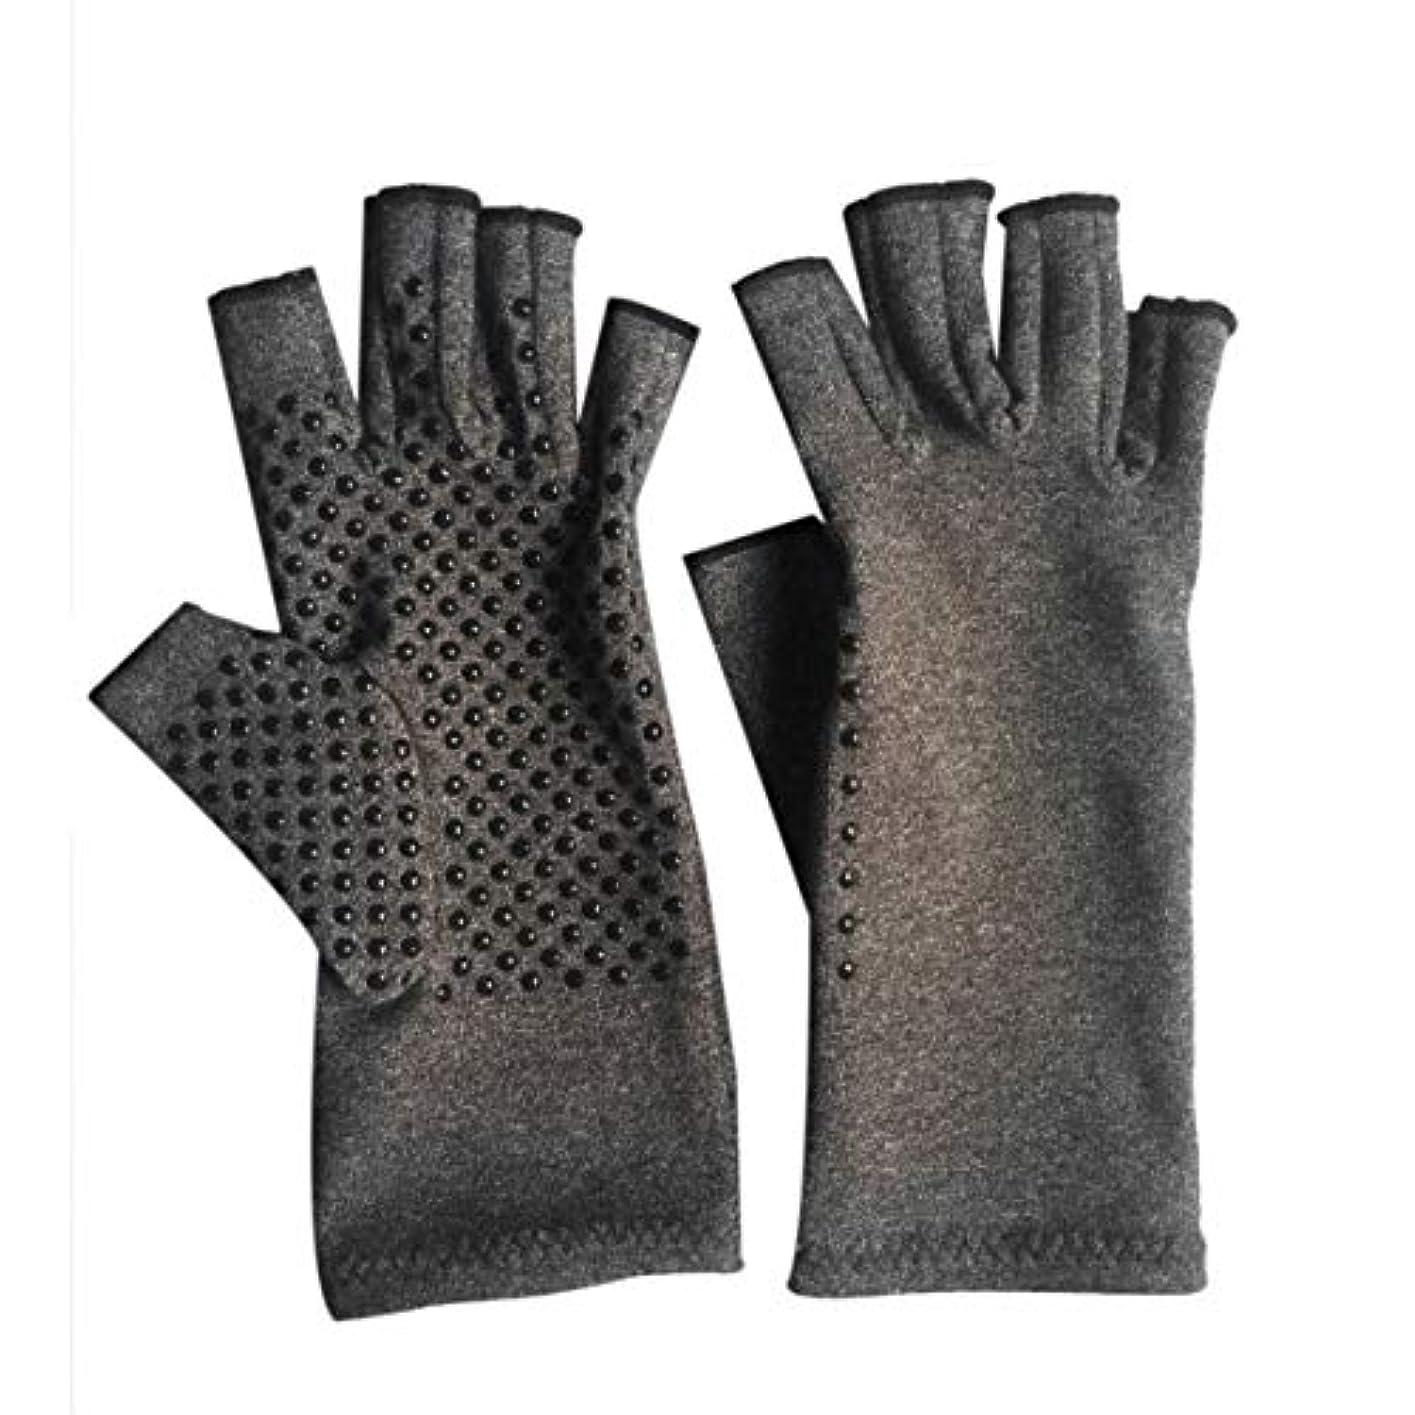 苦難ロケーションワーディアンケース1ペアユニセックス男性女性療法圧縮手袋関節炎関節痛緩和ヘルスケア半指手袋トレーニング手袋 - グレーM